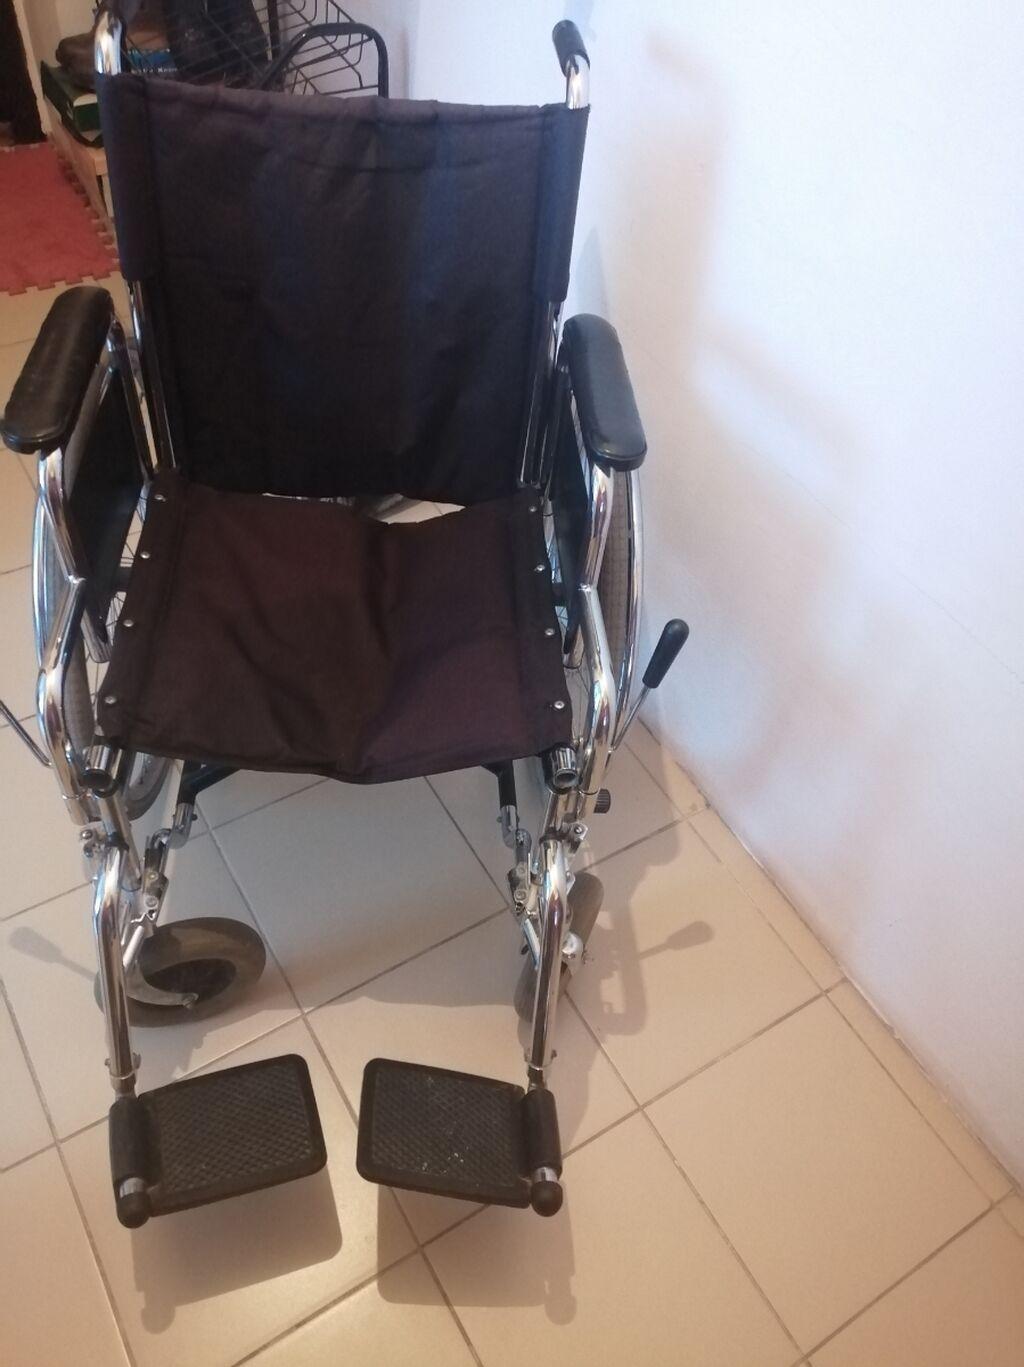 Продаю инвалидную коляску, в отличном состоянии | Объявление создано 12 Сентябрь 2021 04:45:58: Продаю инвалидную коляску, в отличном состоянии